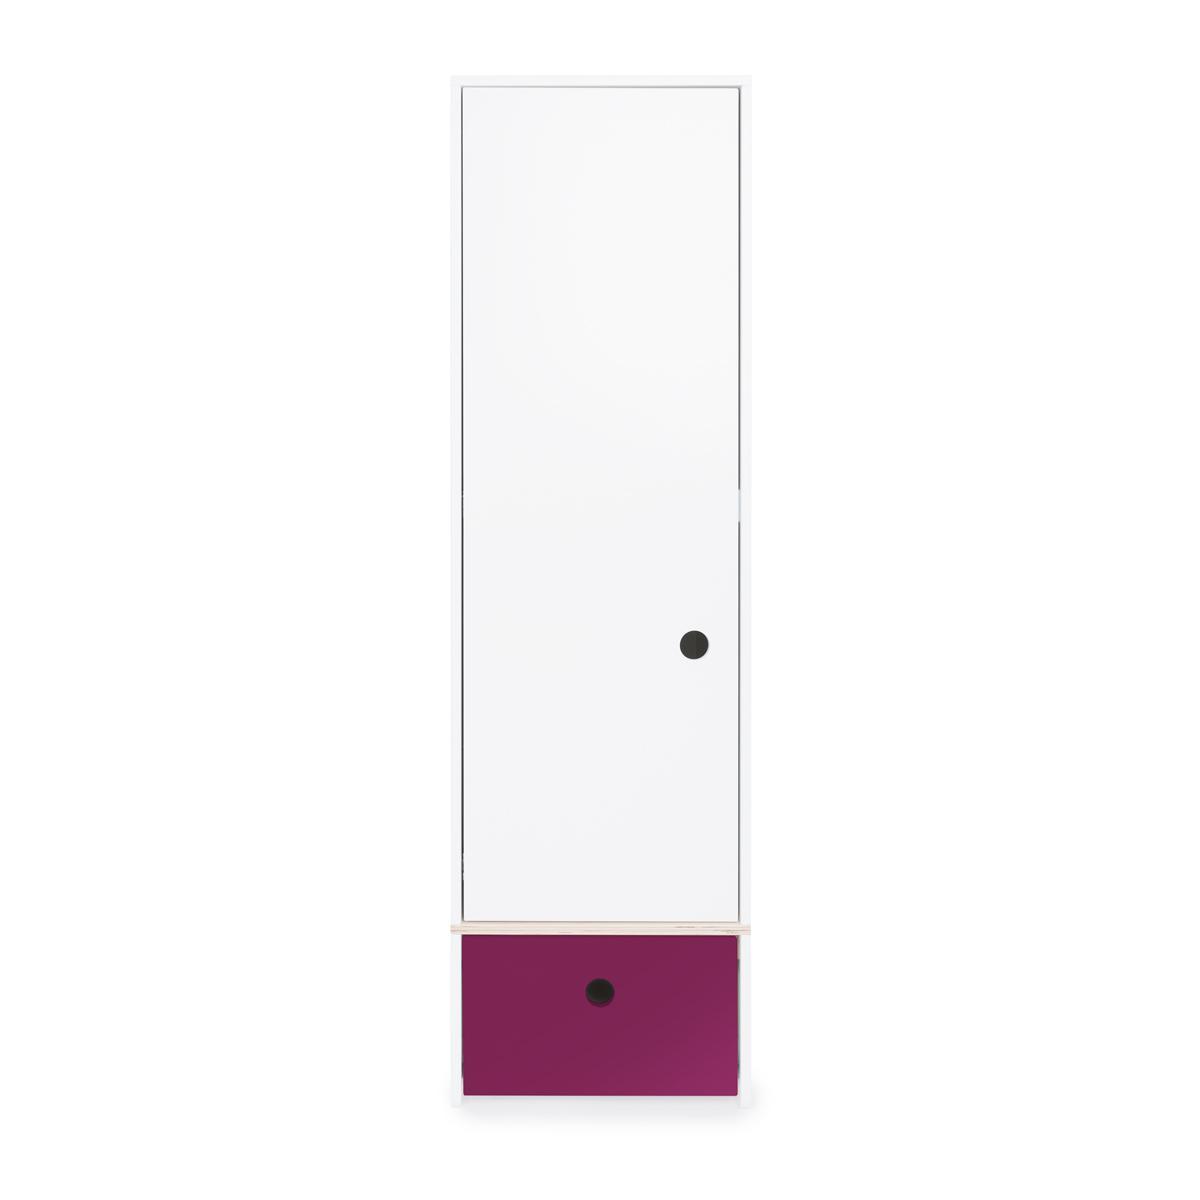 Armario 1 puerta COLORFLEX cajón frontal plum